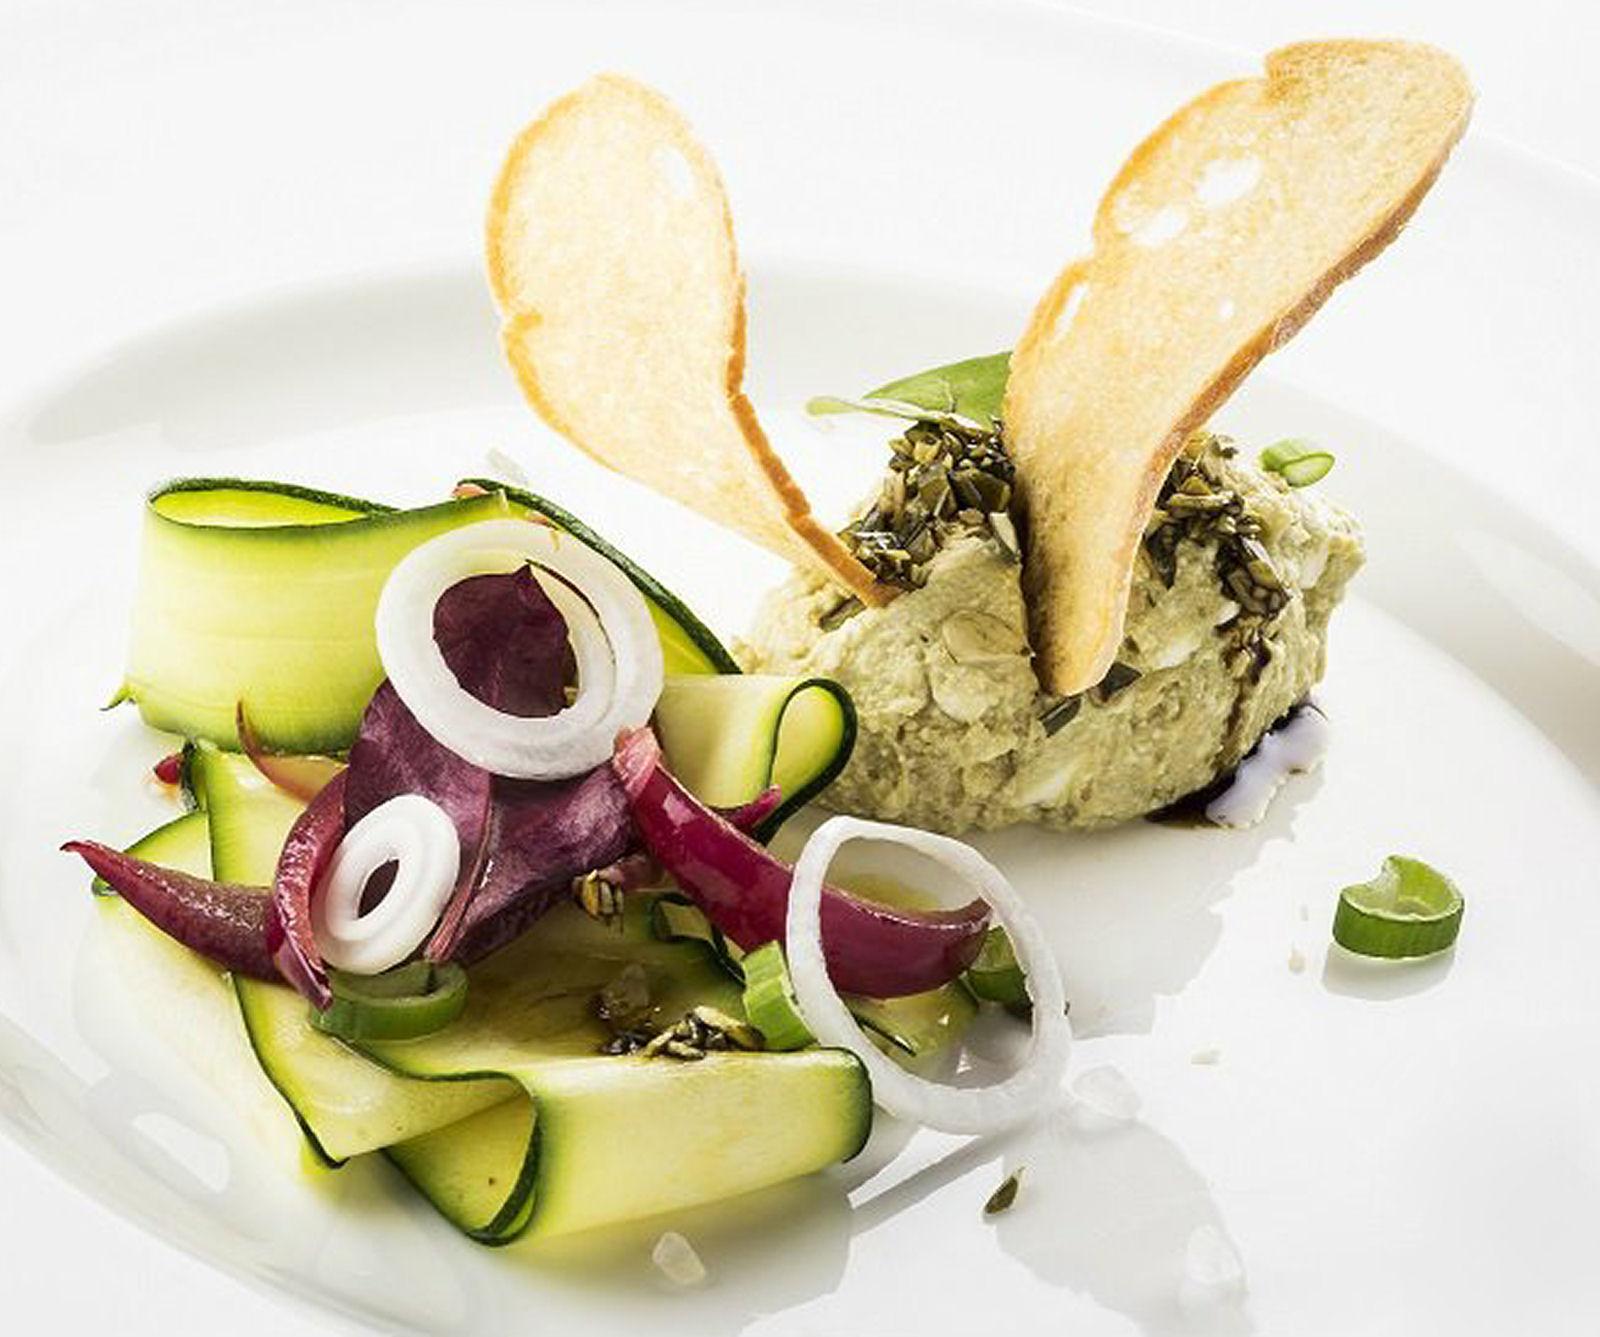 bled-castle-restaurant-07-slovenia